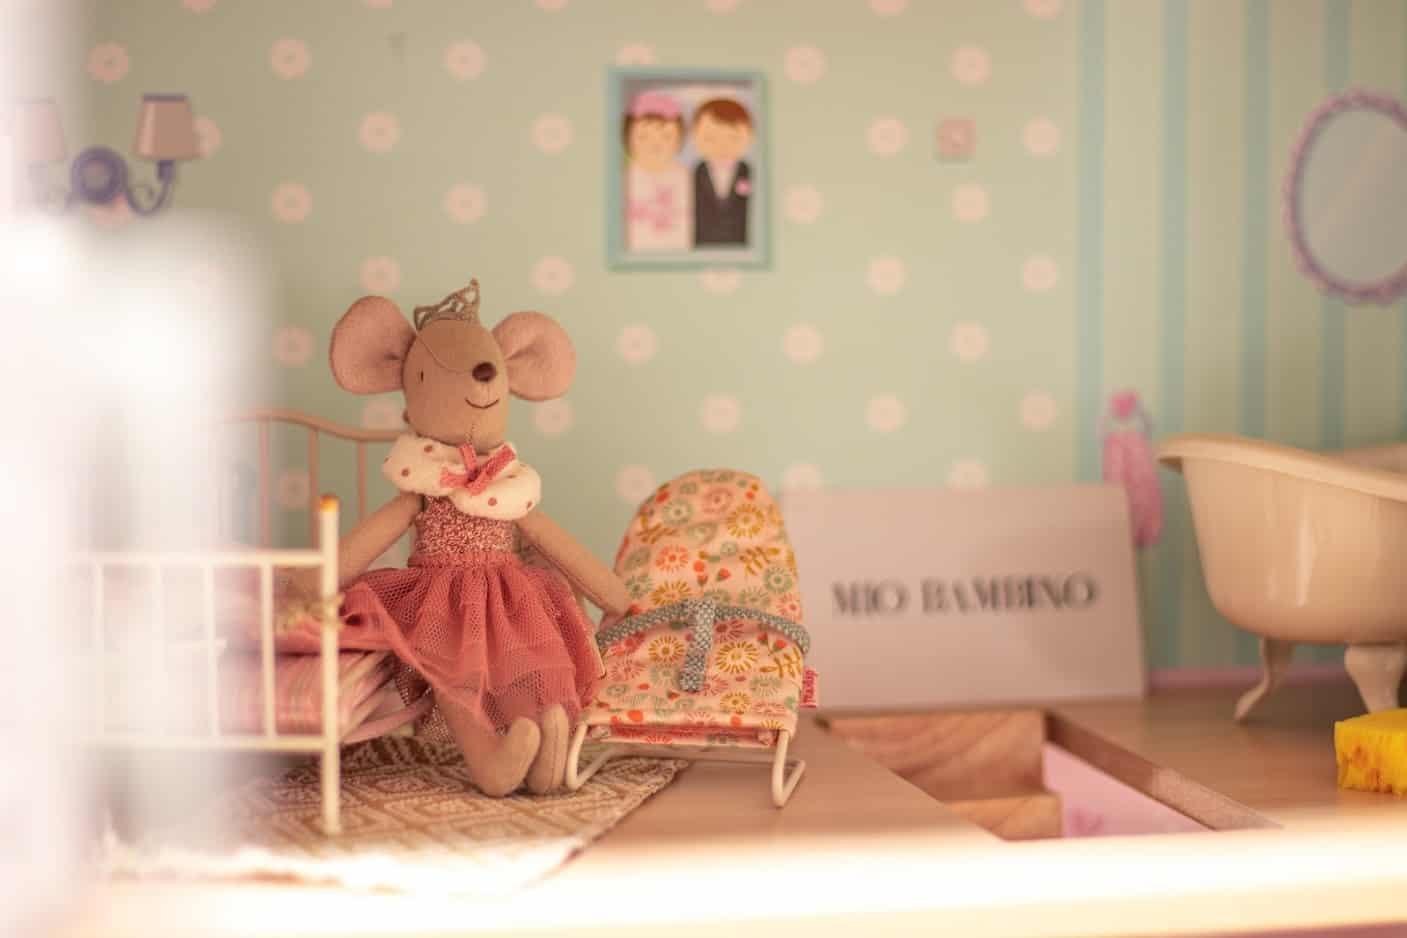 Mio Bambino – čarobno mjesto za one koje najviše volite i grlite